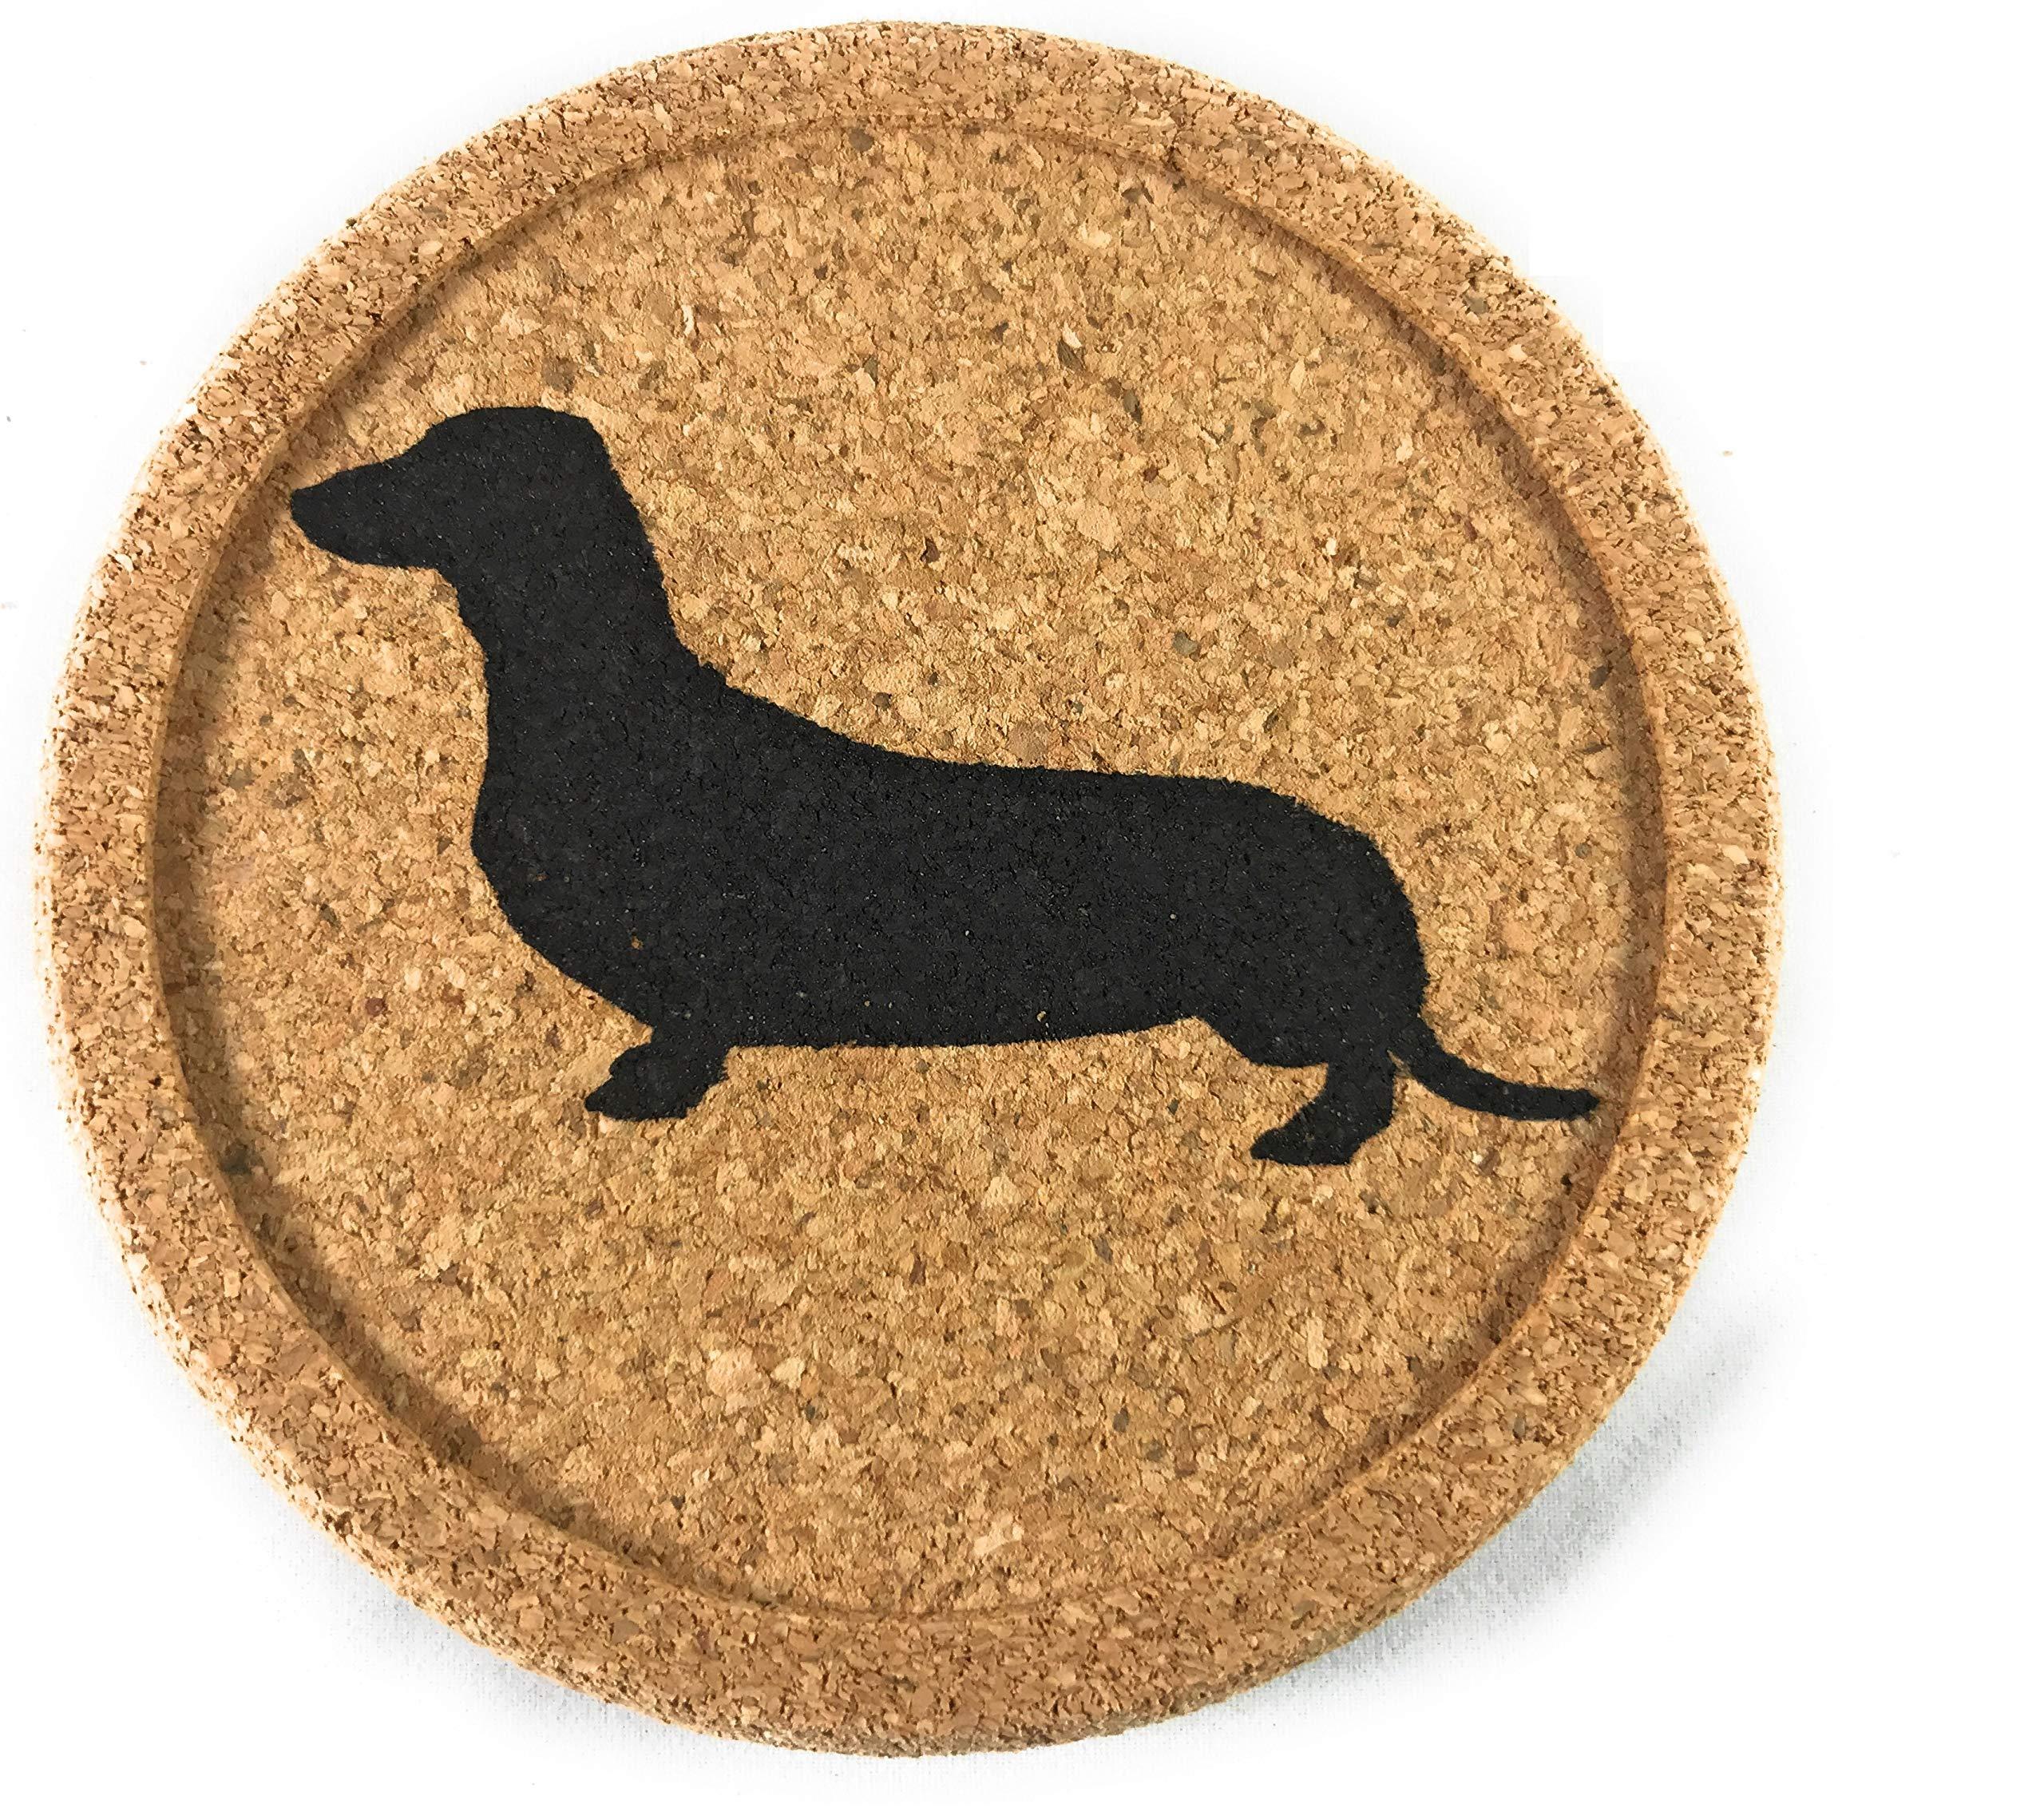 Dachshund Weiner Dog Gift Cork 4 Pack Drink Coasters Set - Basic Design Wiener Dog Decor - Perfect Decoration for Doxie Lovers by FunForFriendz